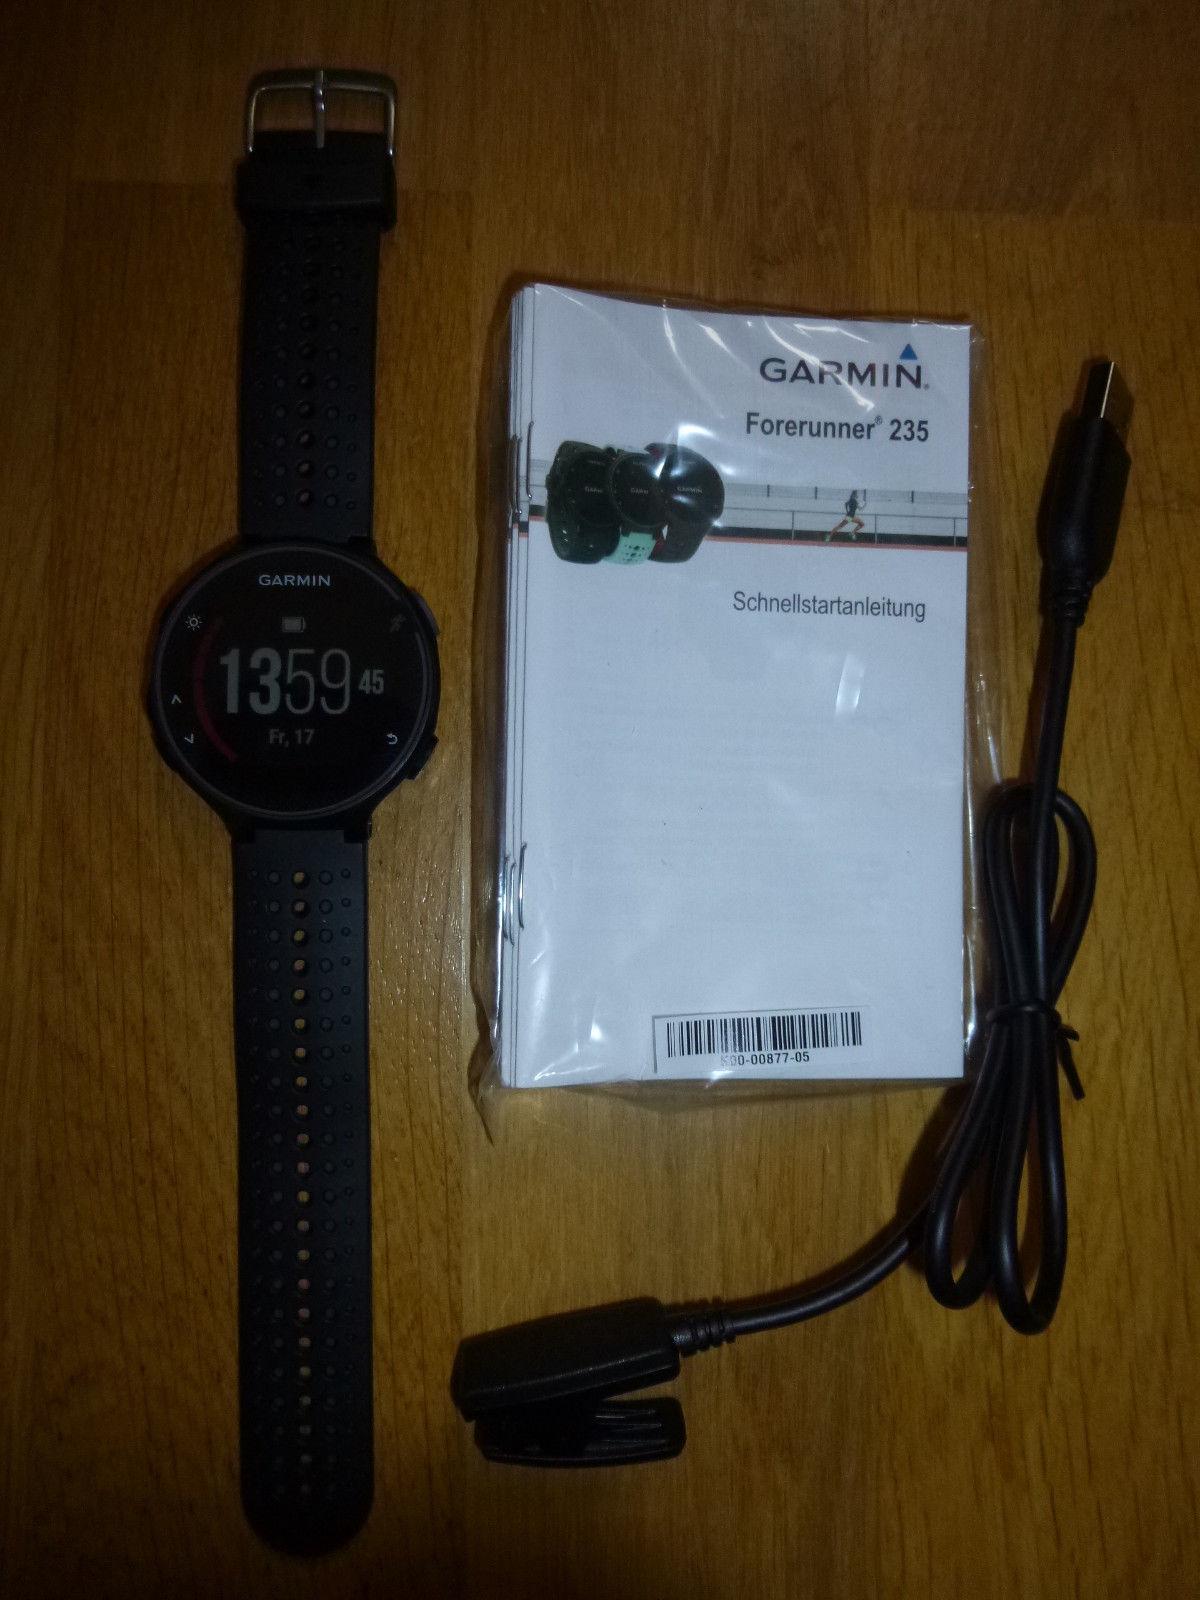 GARMIN FORERUNNER 235 Pulsmessung am Handgelenk - GPS-Laufuhr, Sport-Watch neuw.